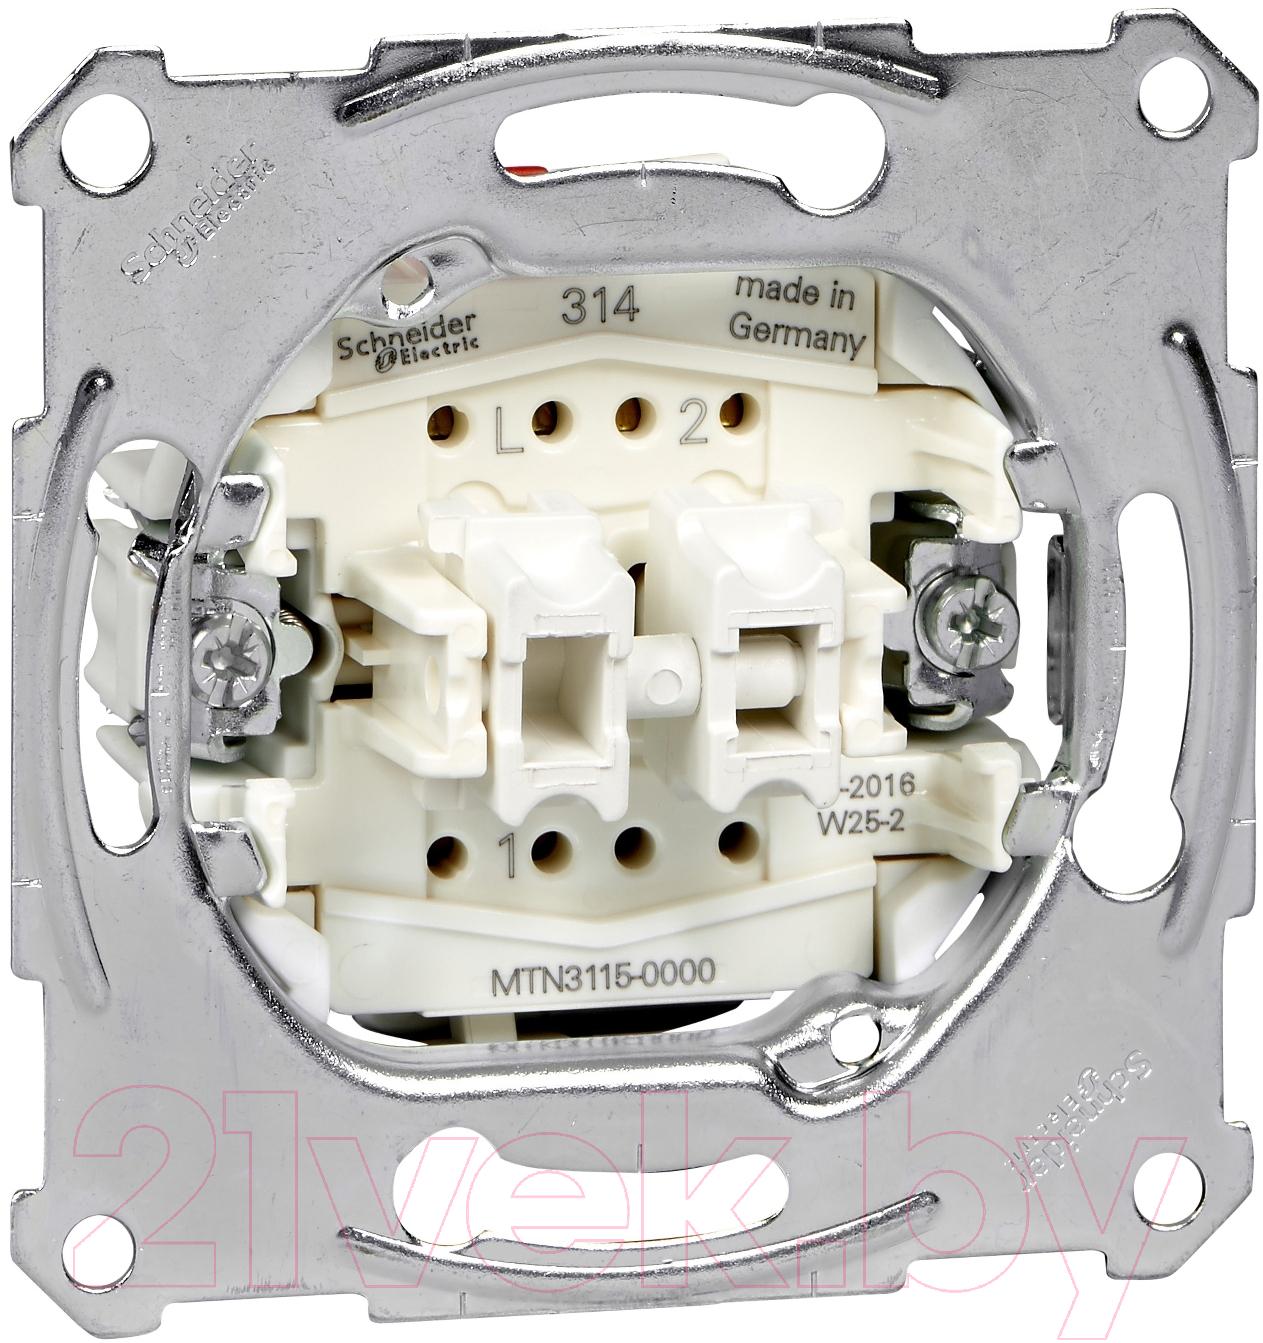 Купить Выключатель Schneider Electric, Merten MTN3115-0000, Россия, пластик, Merten Aquadesign (Schneider Electric)